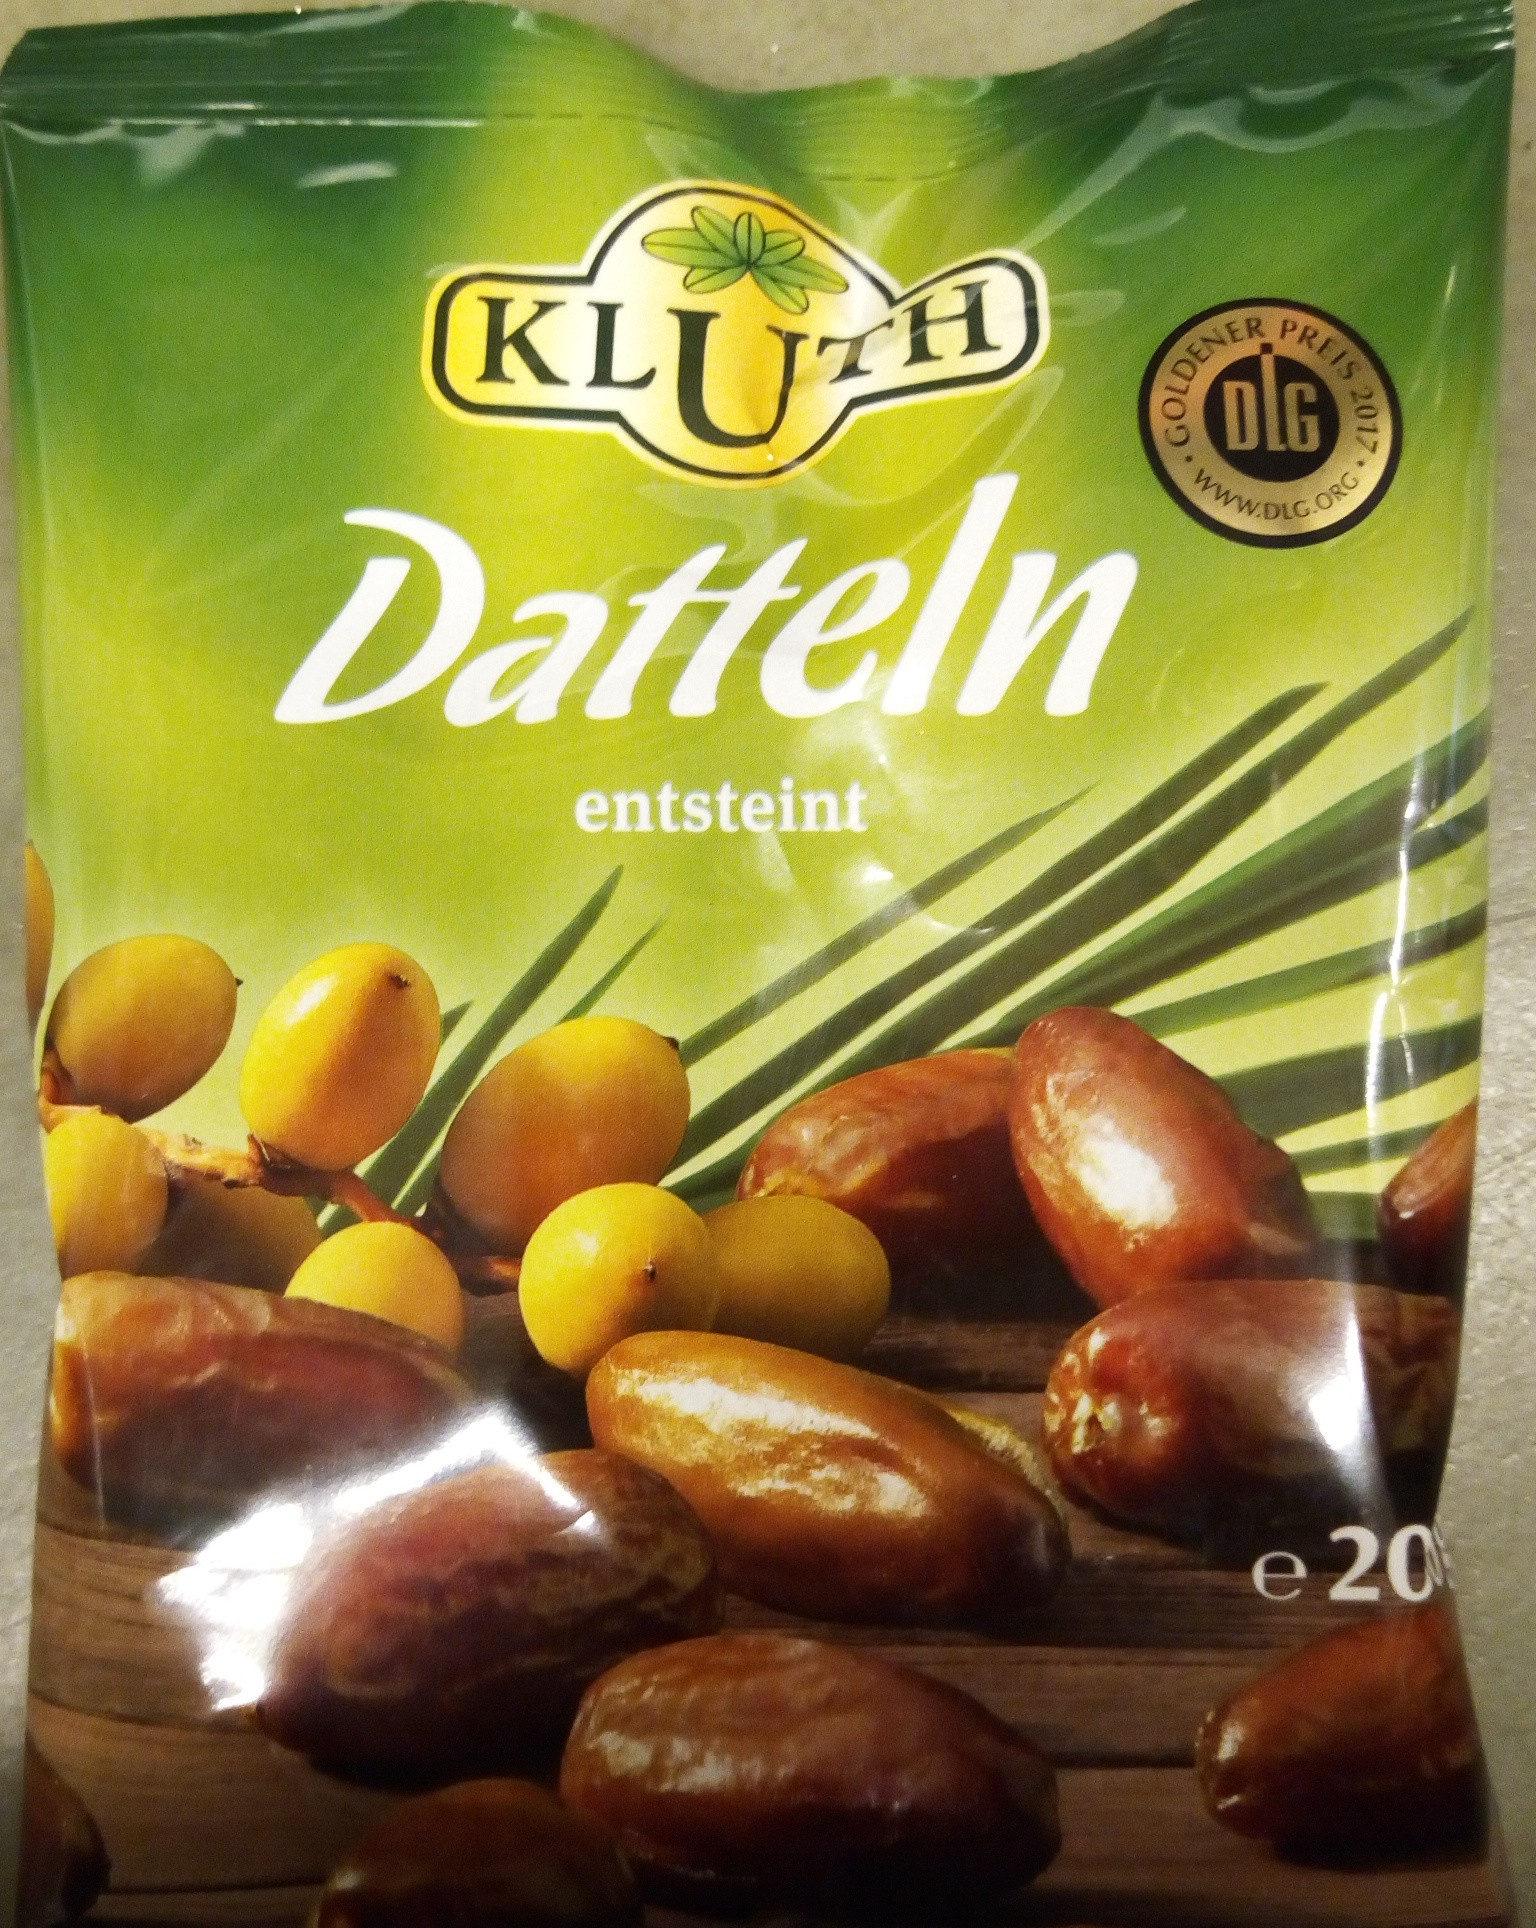 Datteln - Product - en